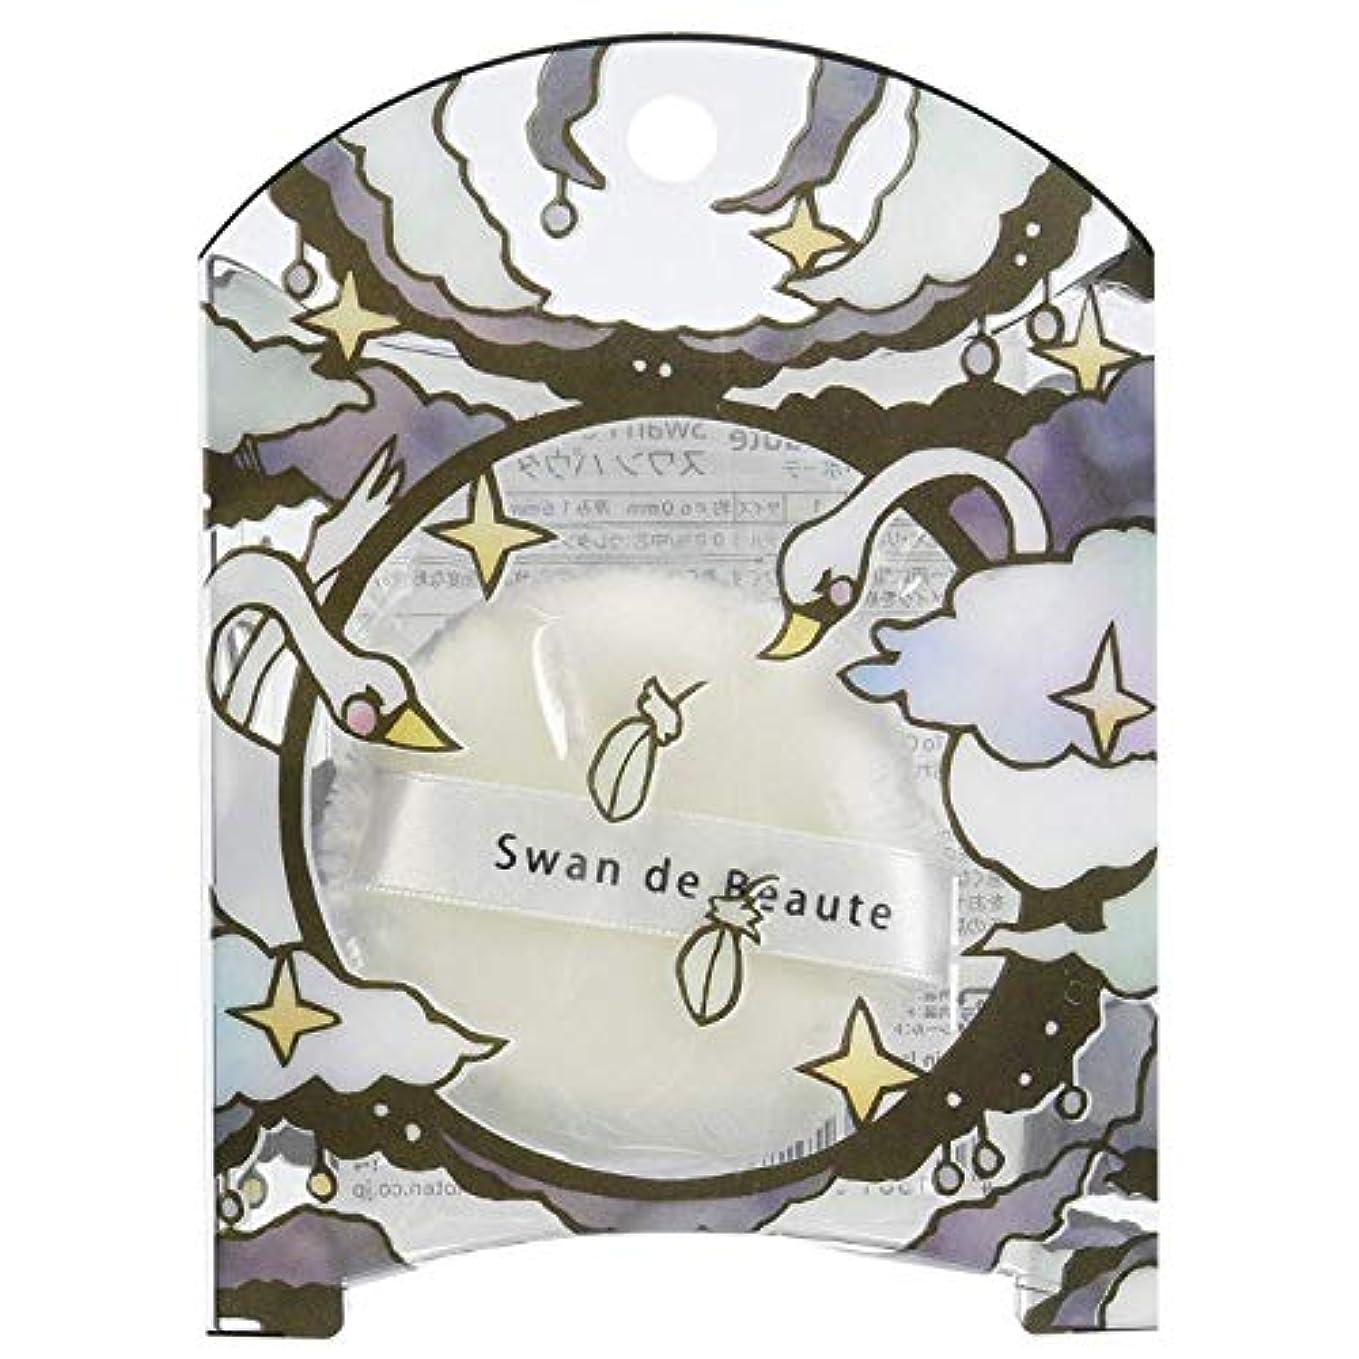 物理的に十分ですチューリップswan de beaute(スワン?ド?ボーテ) スワン パウダーパフ SWAN-02 (1個)